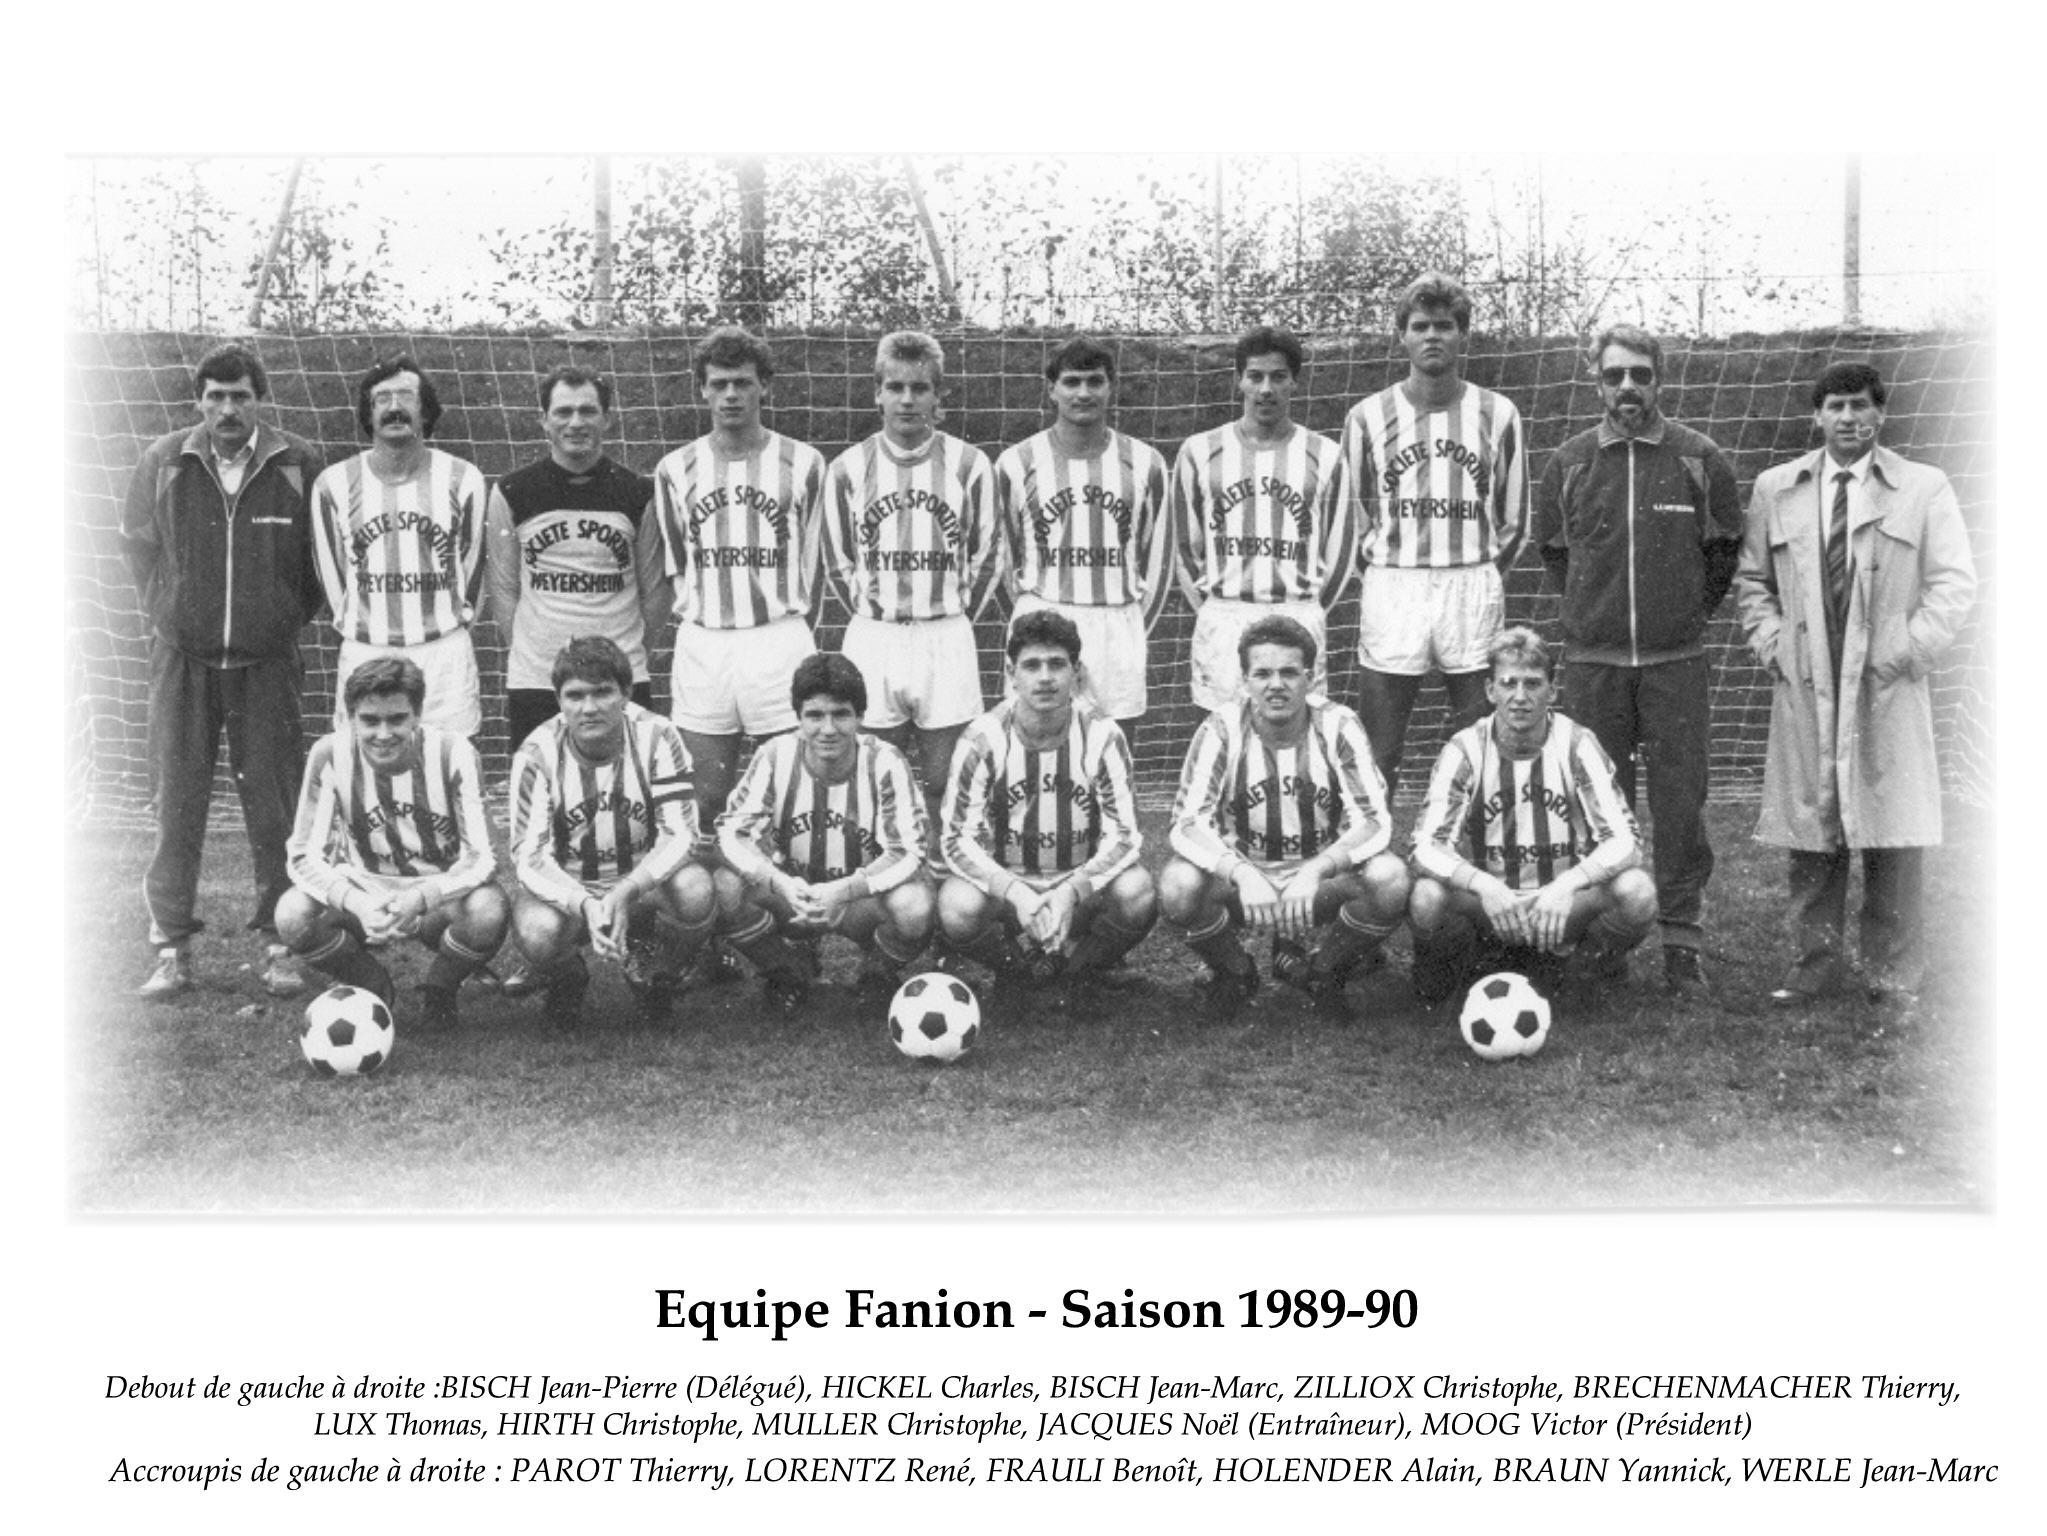 Annees 1989-90